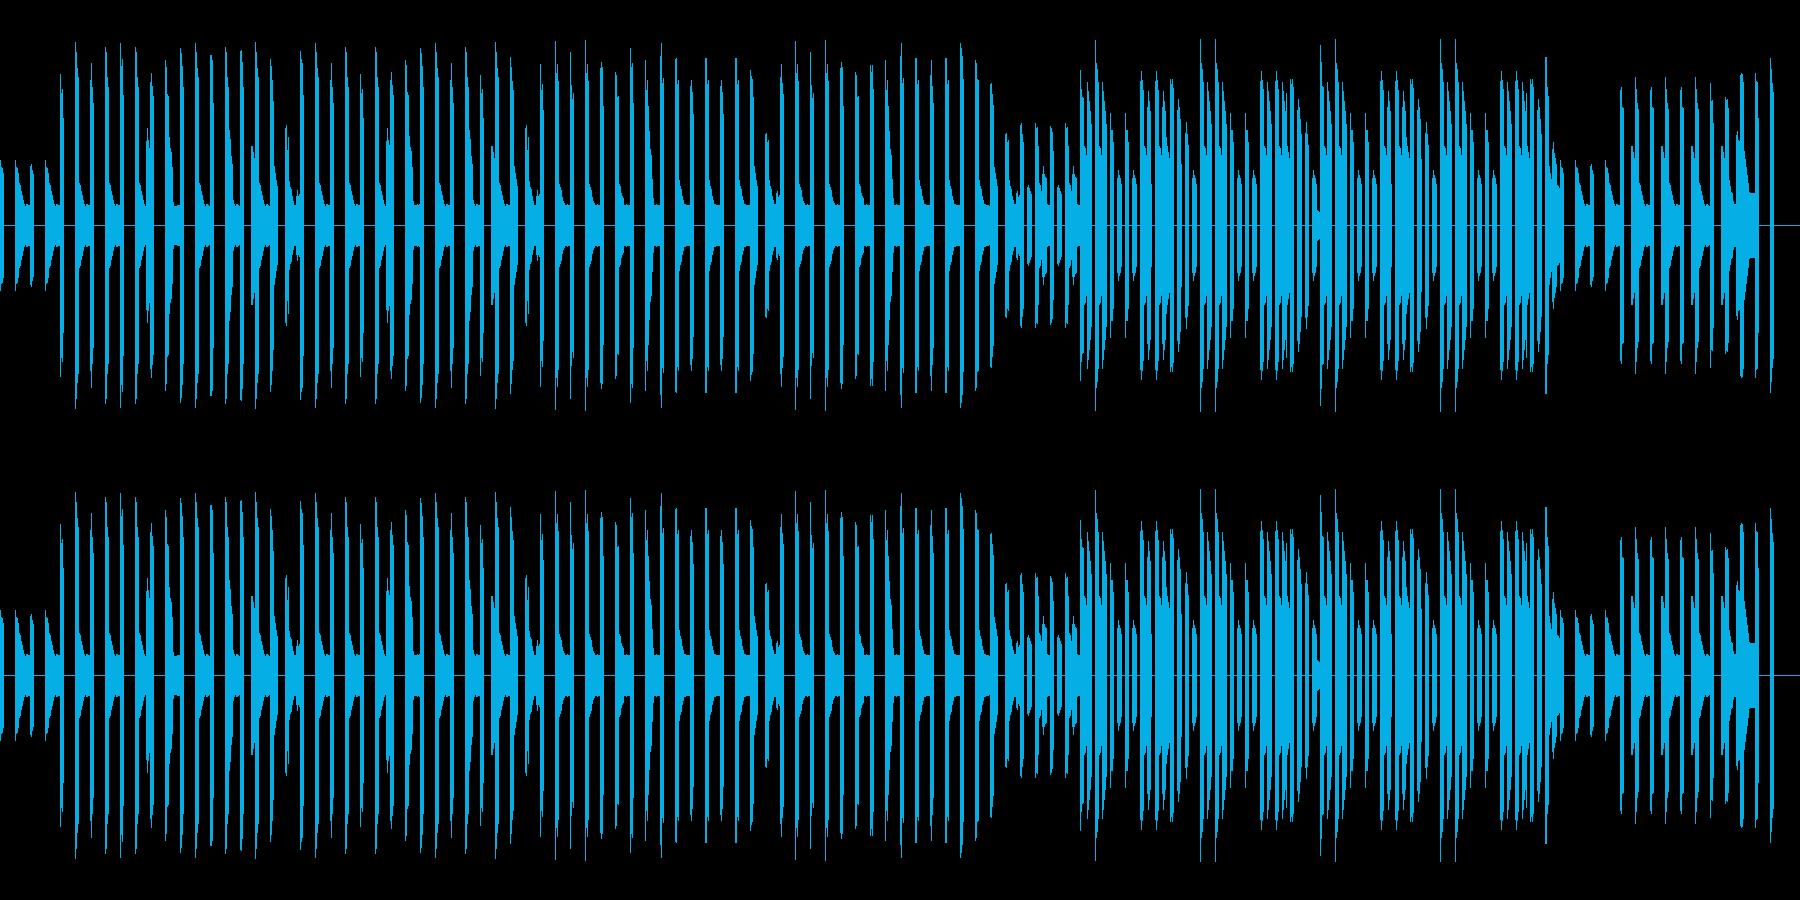 熱血ヒーロー的なレトロゲーム風BGMの再生済みの波形